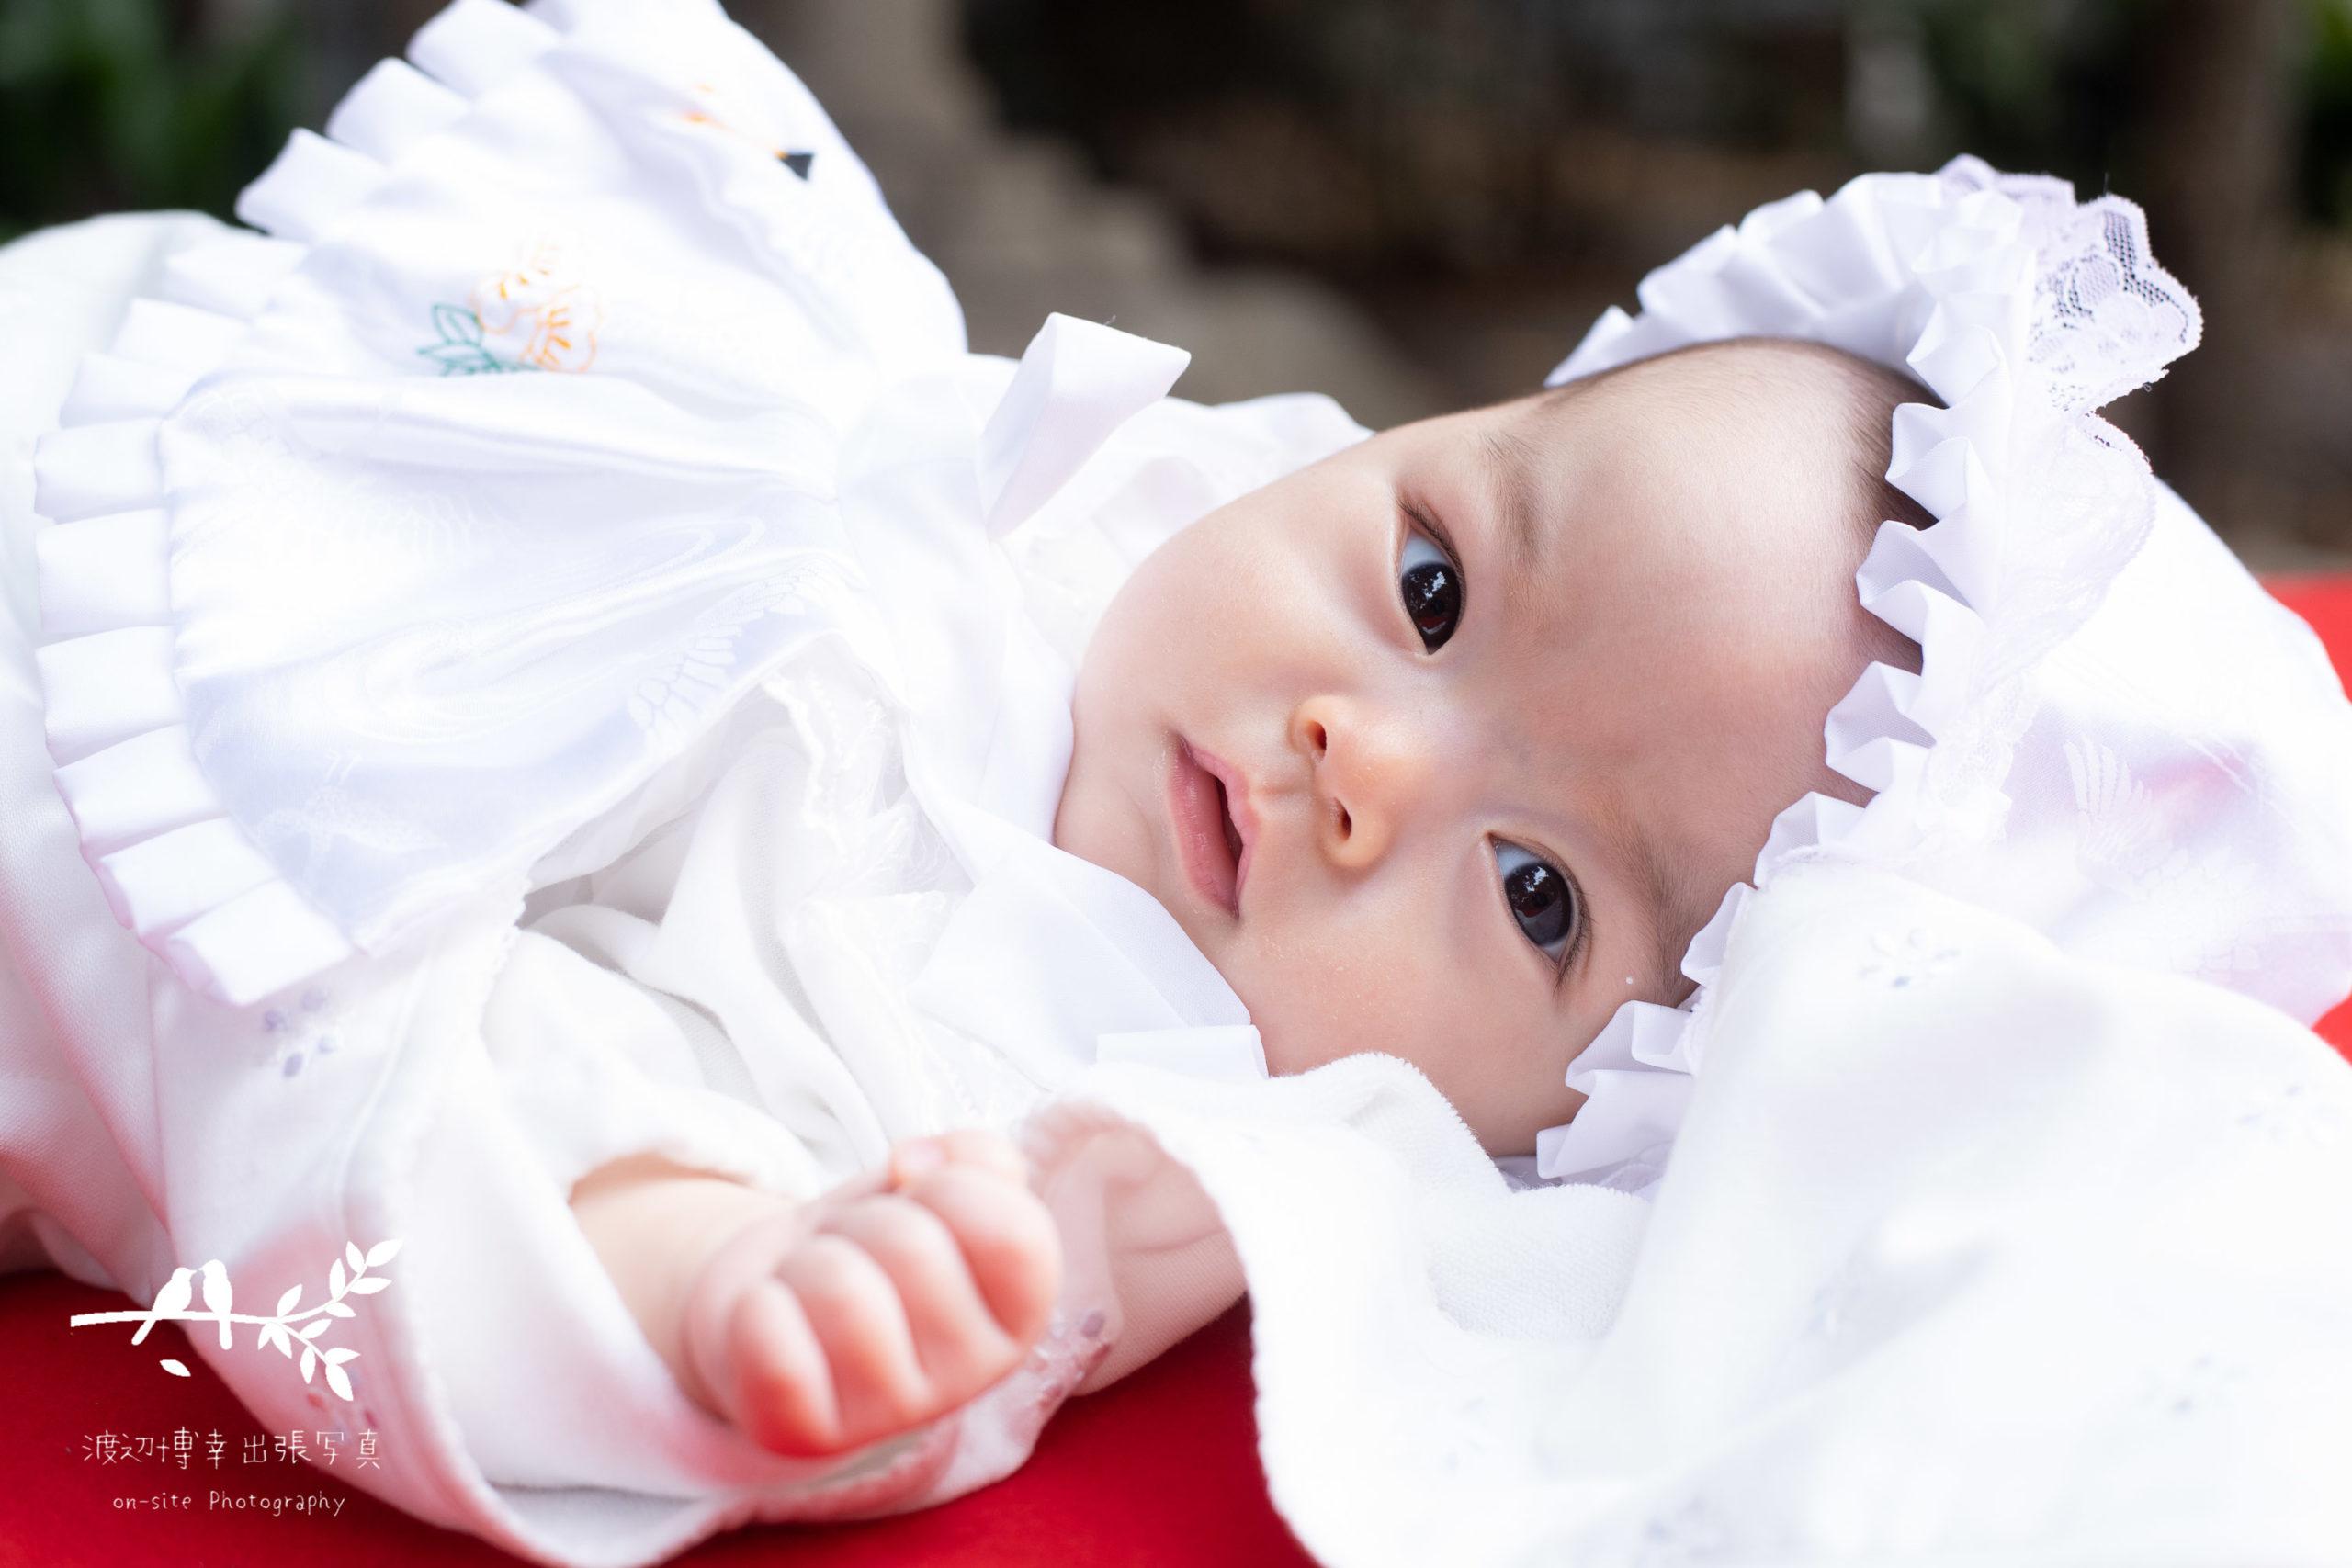 ベビードレスを着た赤ちゃんがこちらを見て